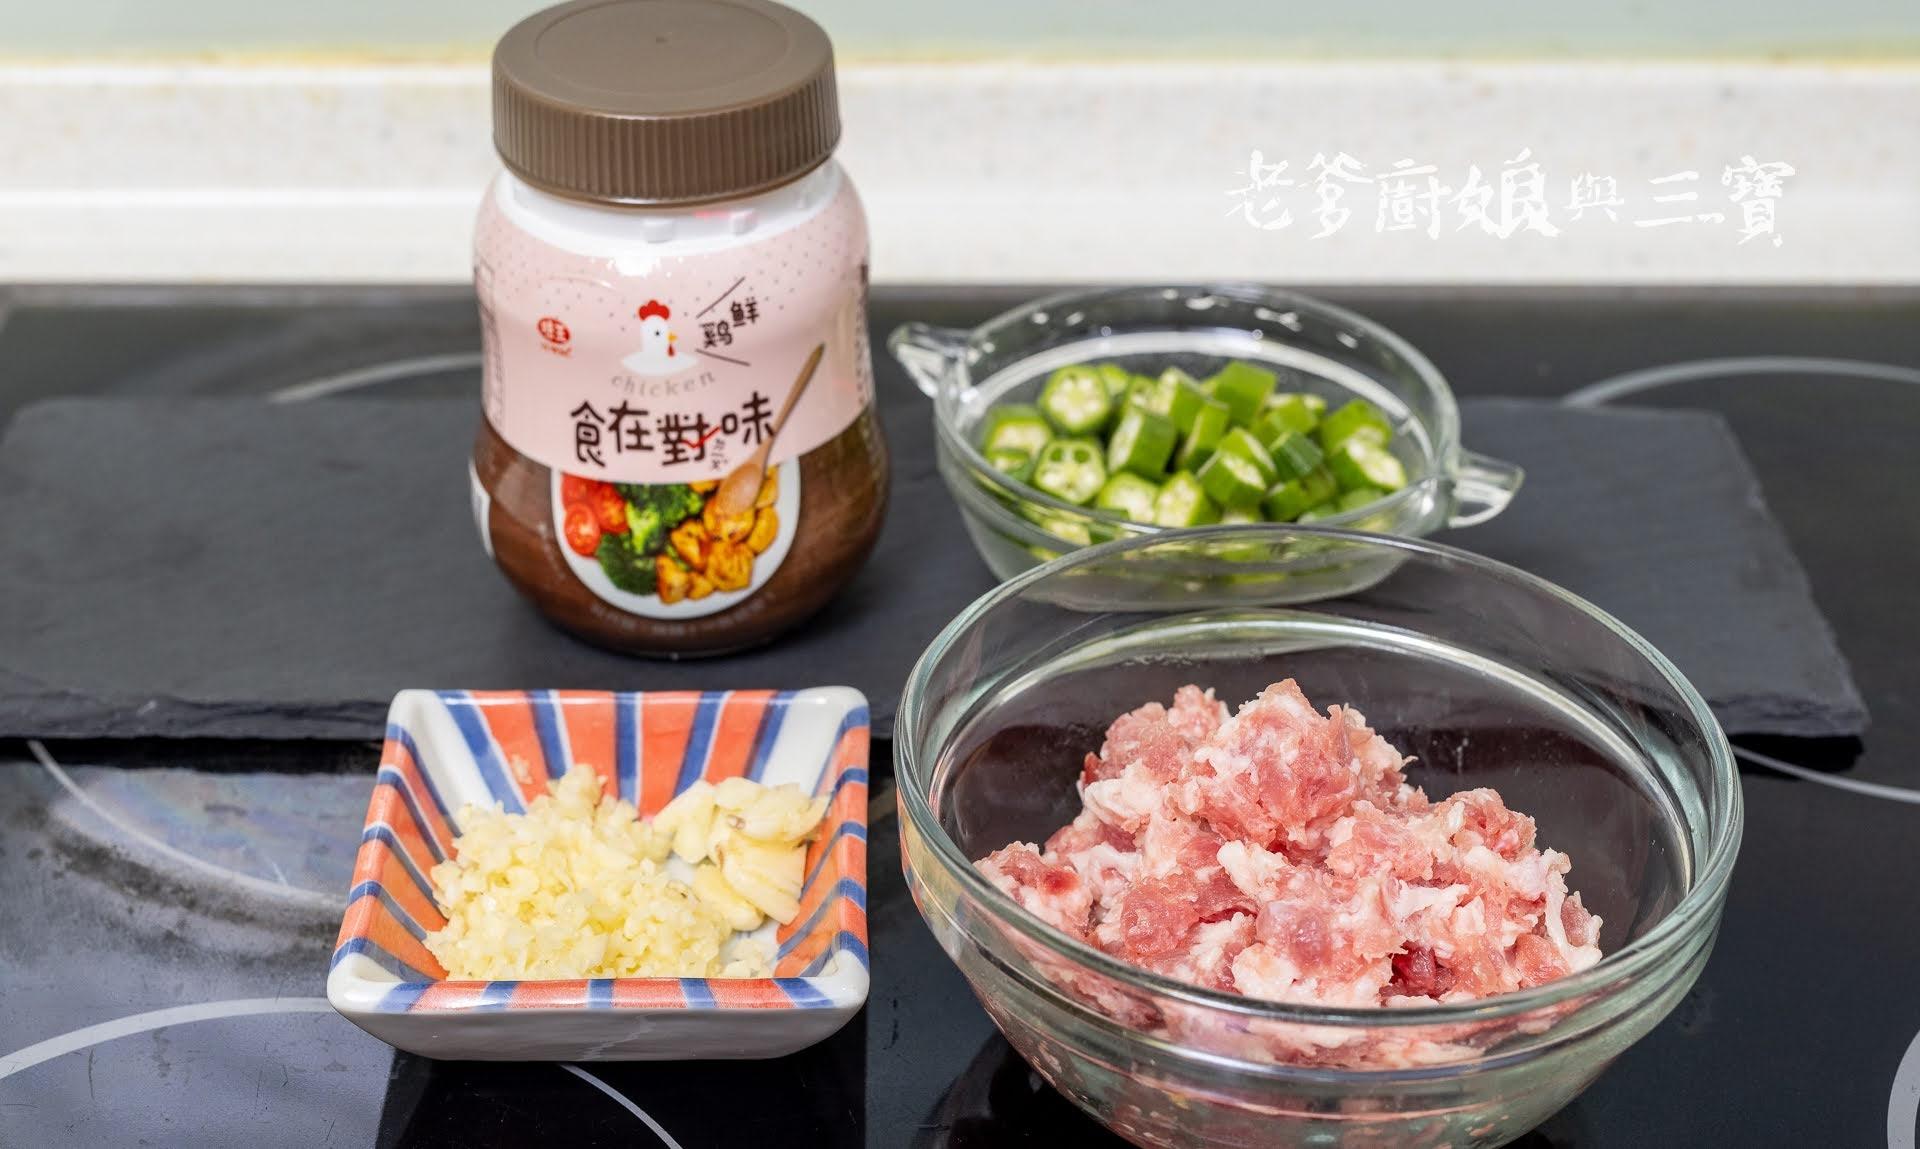 味王60幾年老字號,食在對味風味調味料,做菜美味提鮮一匙搞定